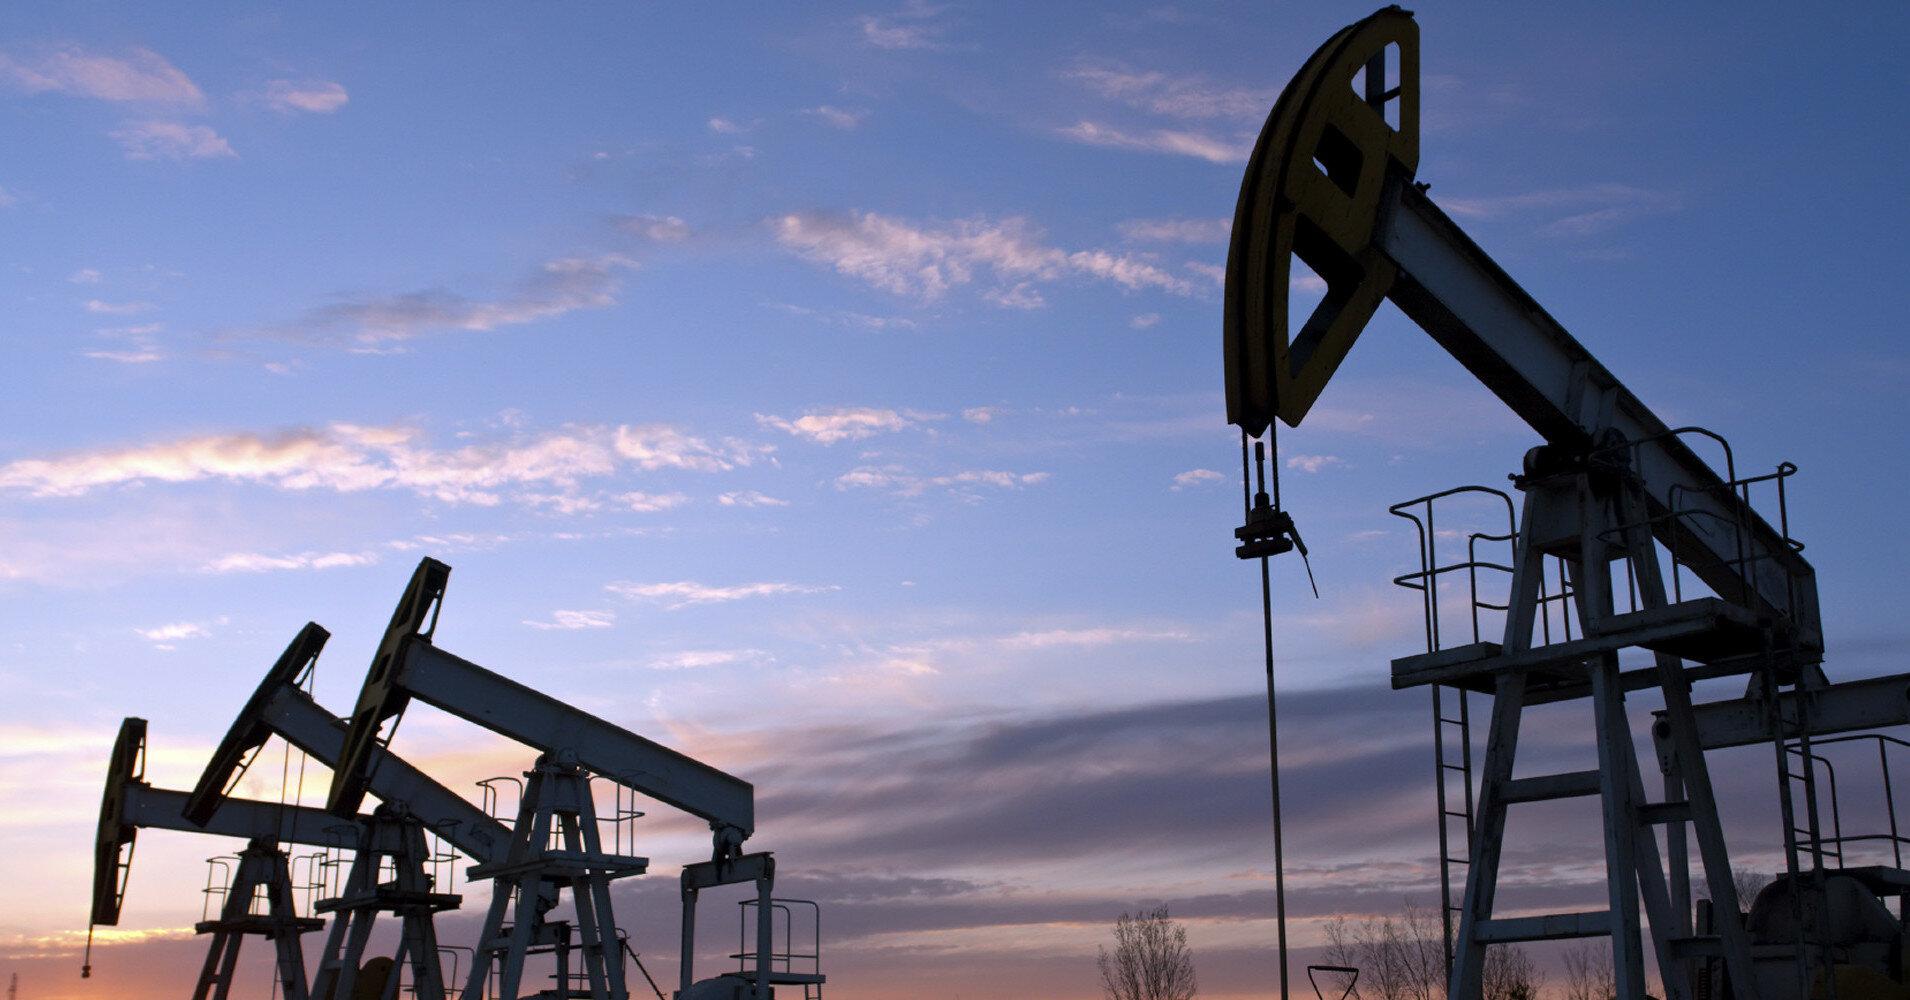 Нефть дорожает на фоне ослабления карантина в Европе